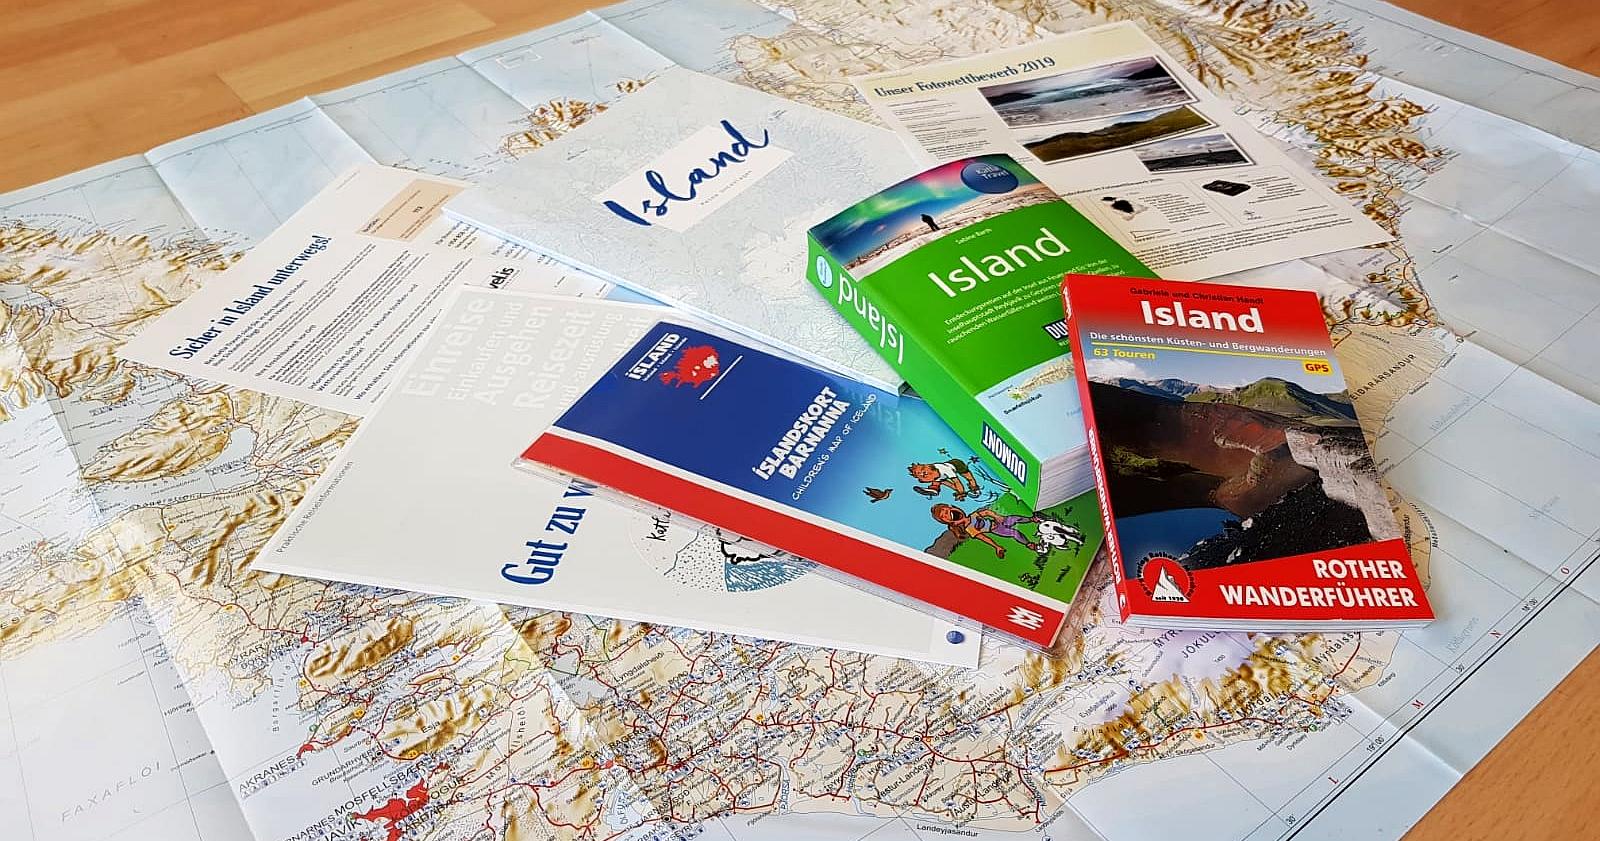 Abbildung von Reiseunterlagen bei Katla Travel